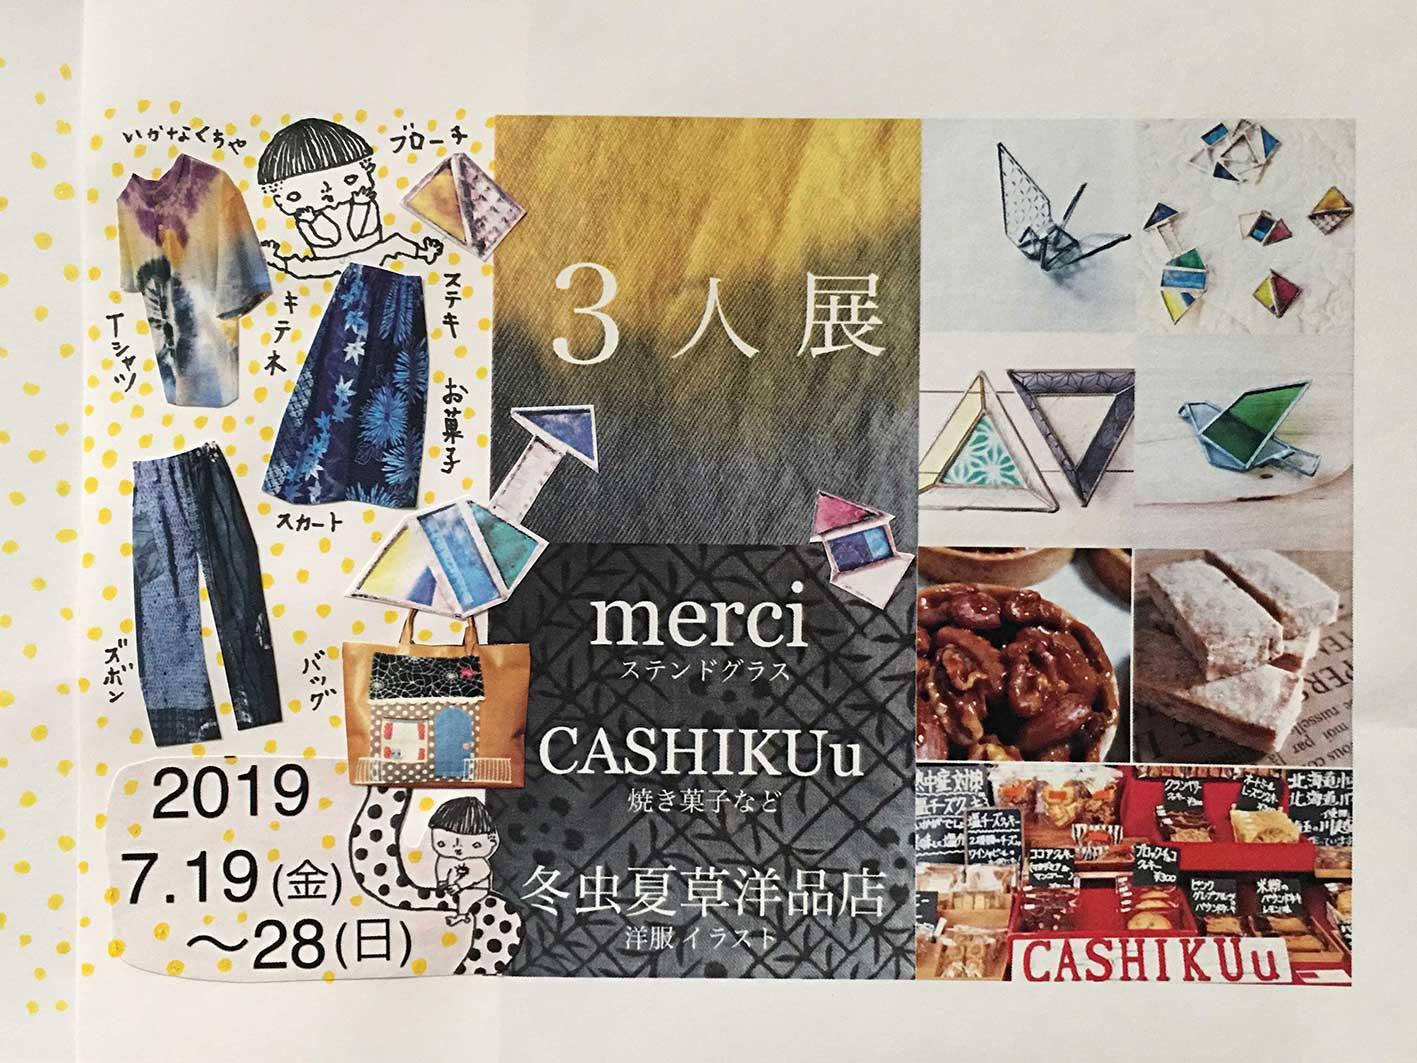 3人展<br>冬虫夏草洋品店&CASHIKUu&merci